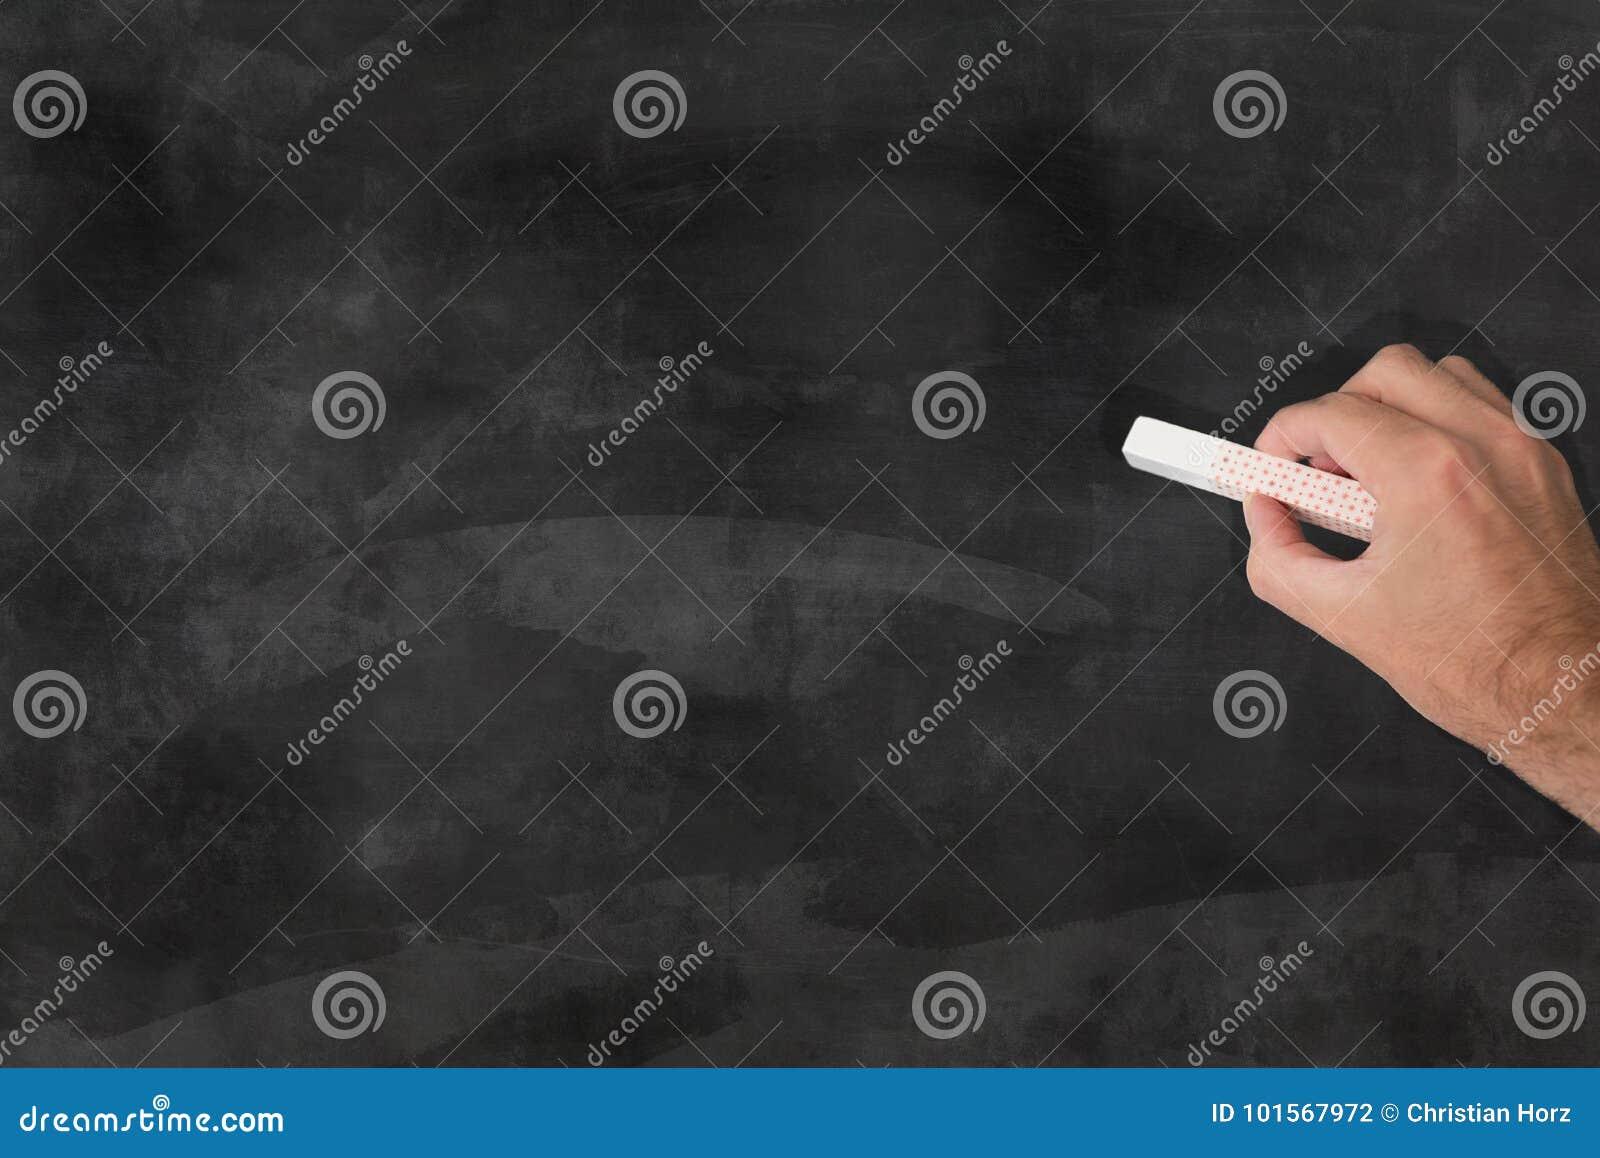 Wręcza trzymać kawałek kreda przed chalkboard